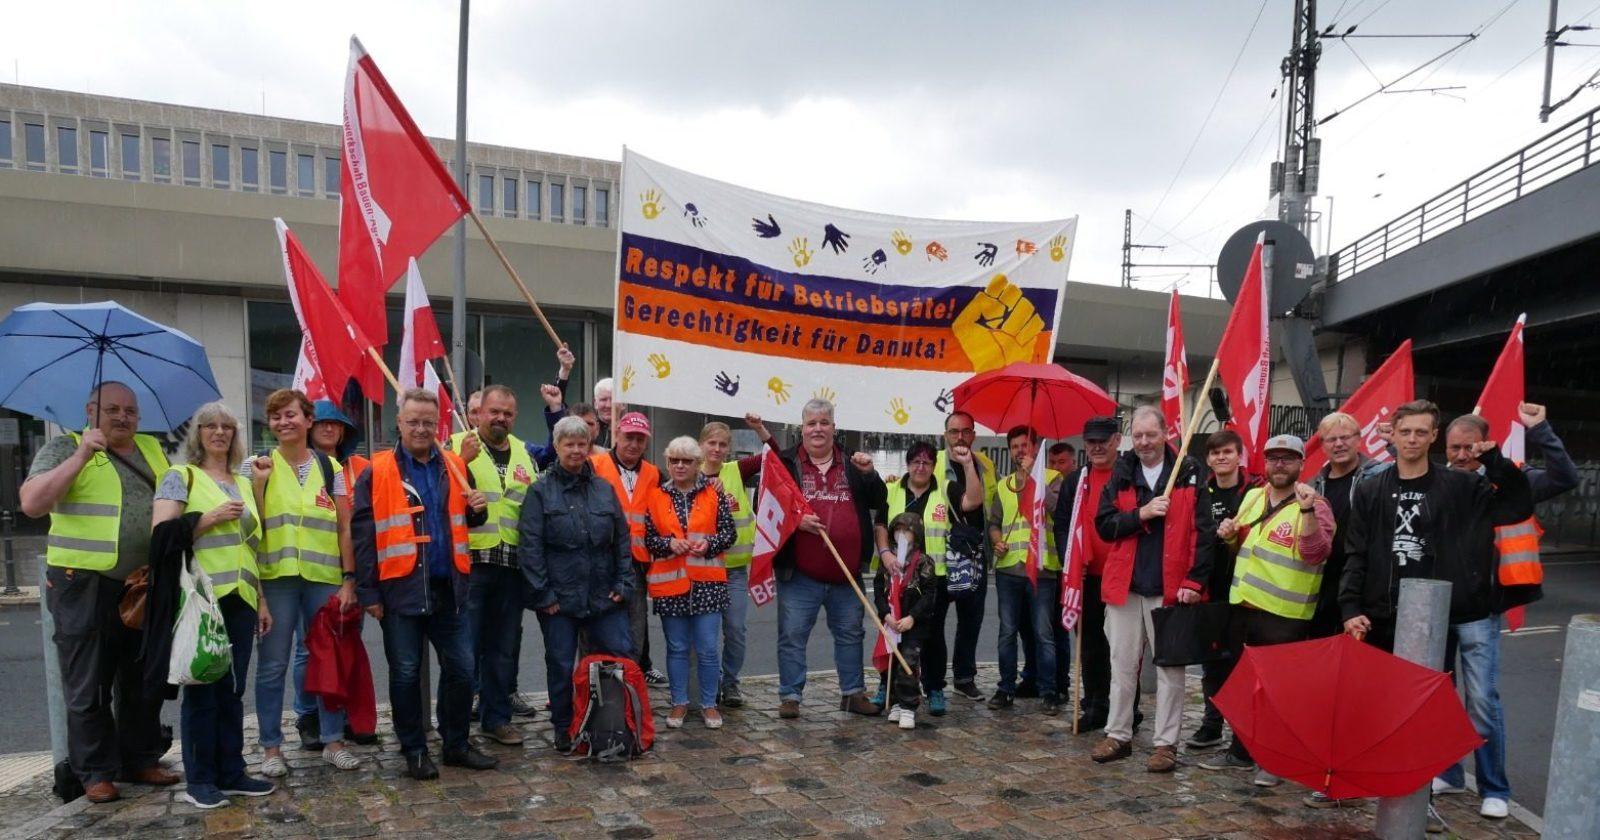 Riesenaufregung vor dem Bundesinnenministerium in Berlin – Demonstranten fordern Rücknahme von Versetzung